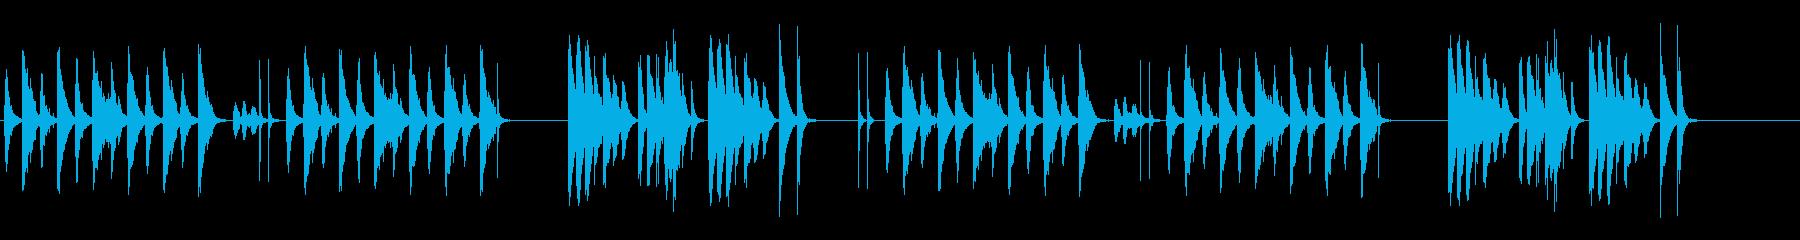 劇伴 シンプル 日常 間抜けの再生済みの波形